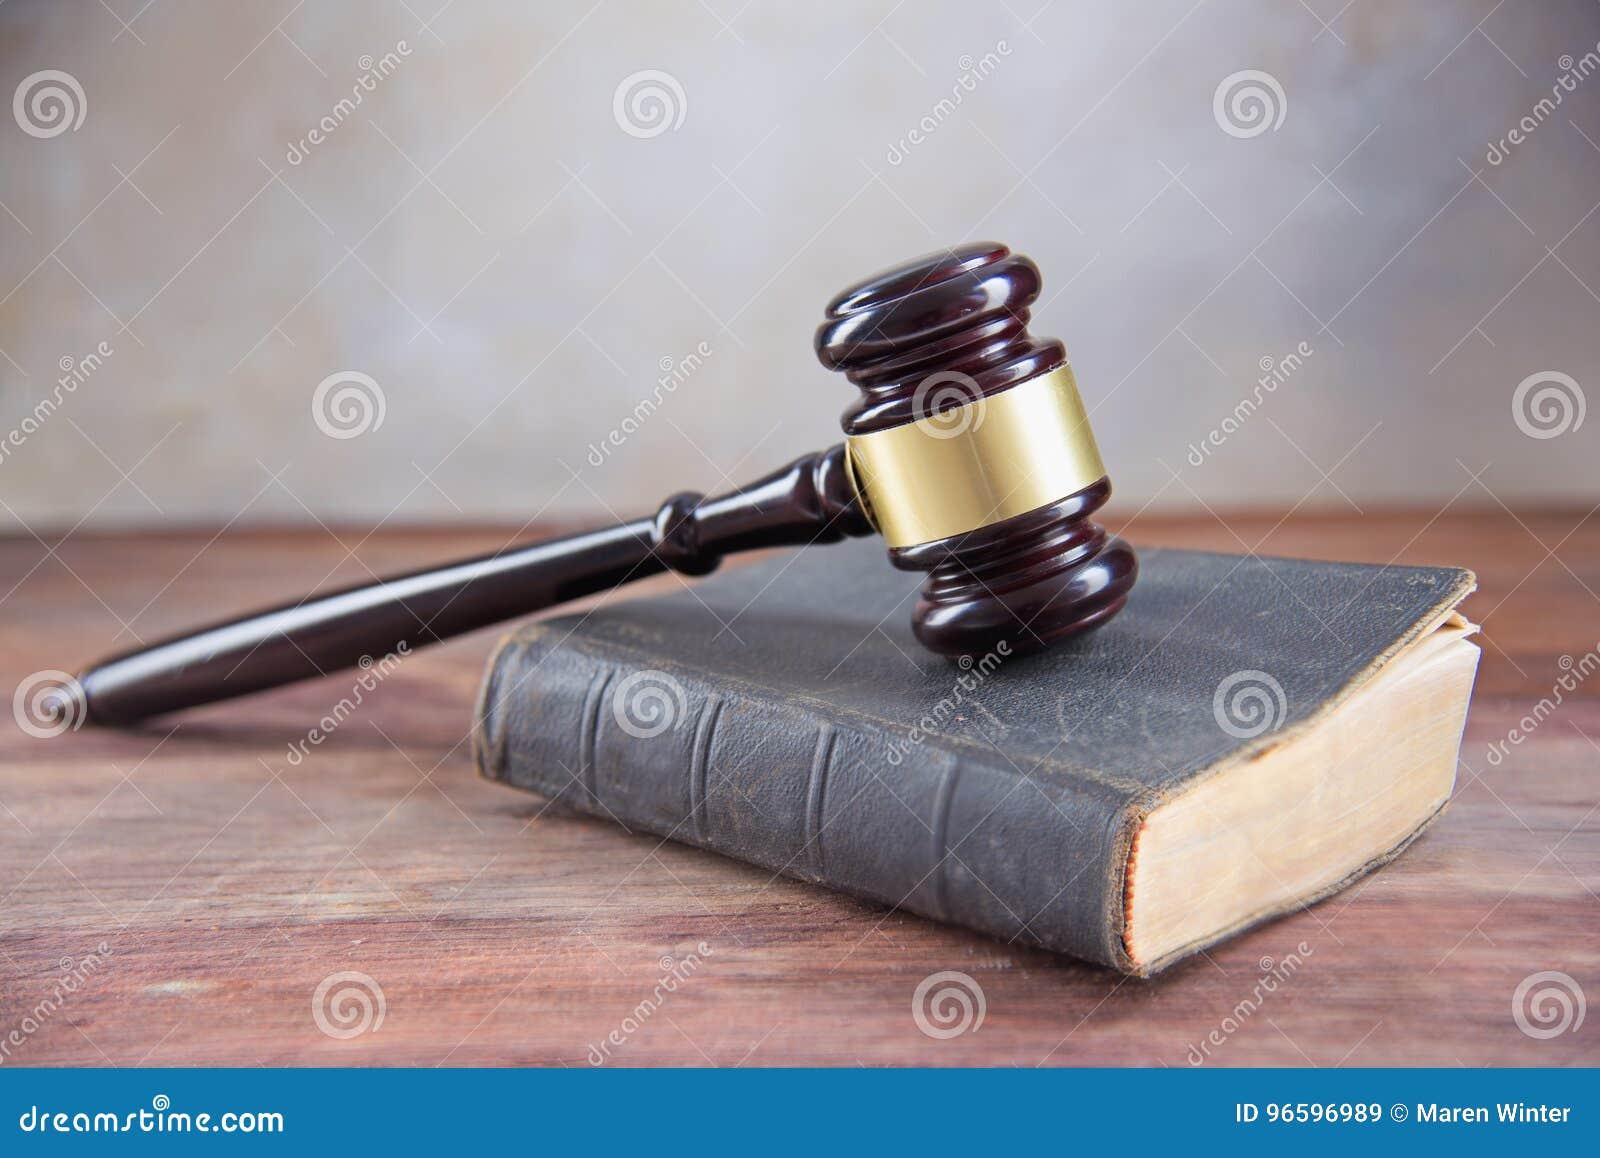 Rechtershamer op een oud boek op een rustieke houten lijst, concept voor